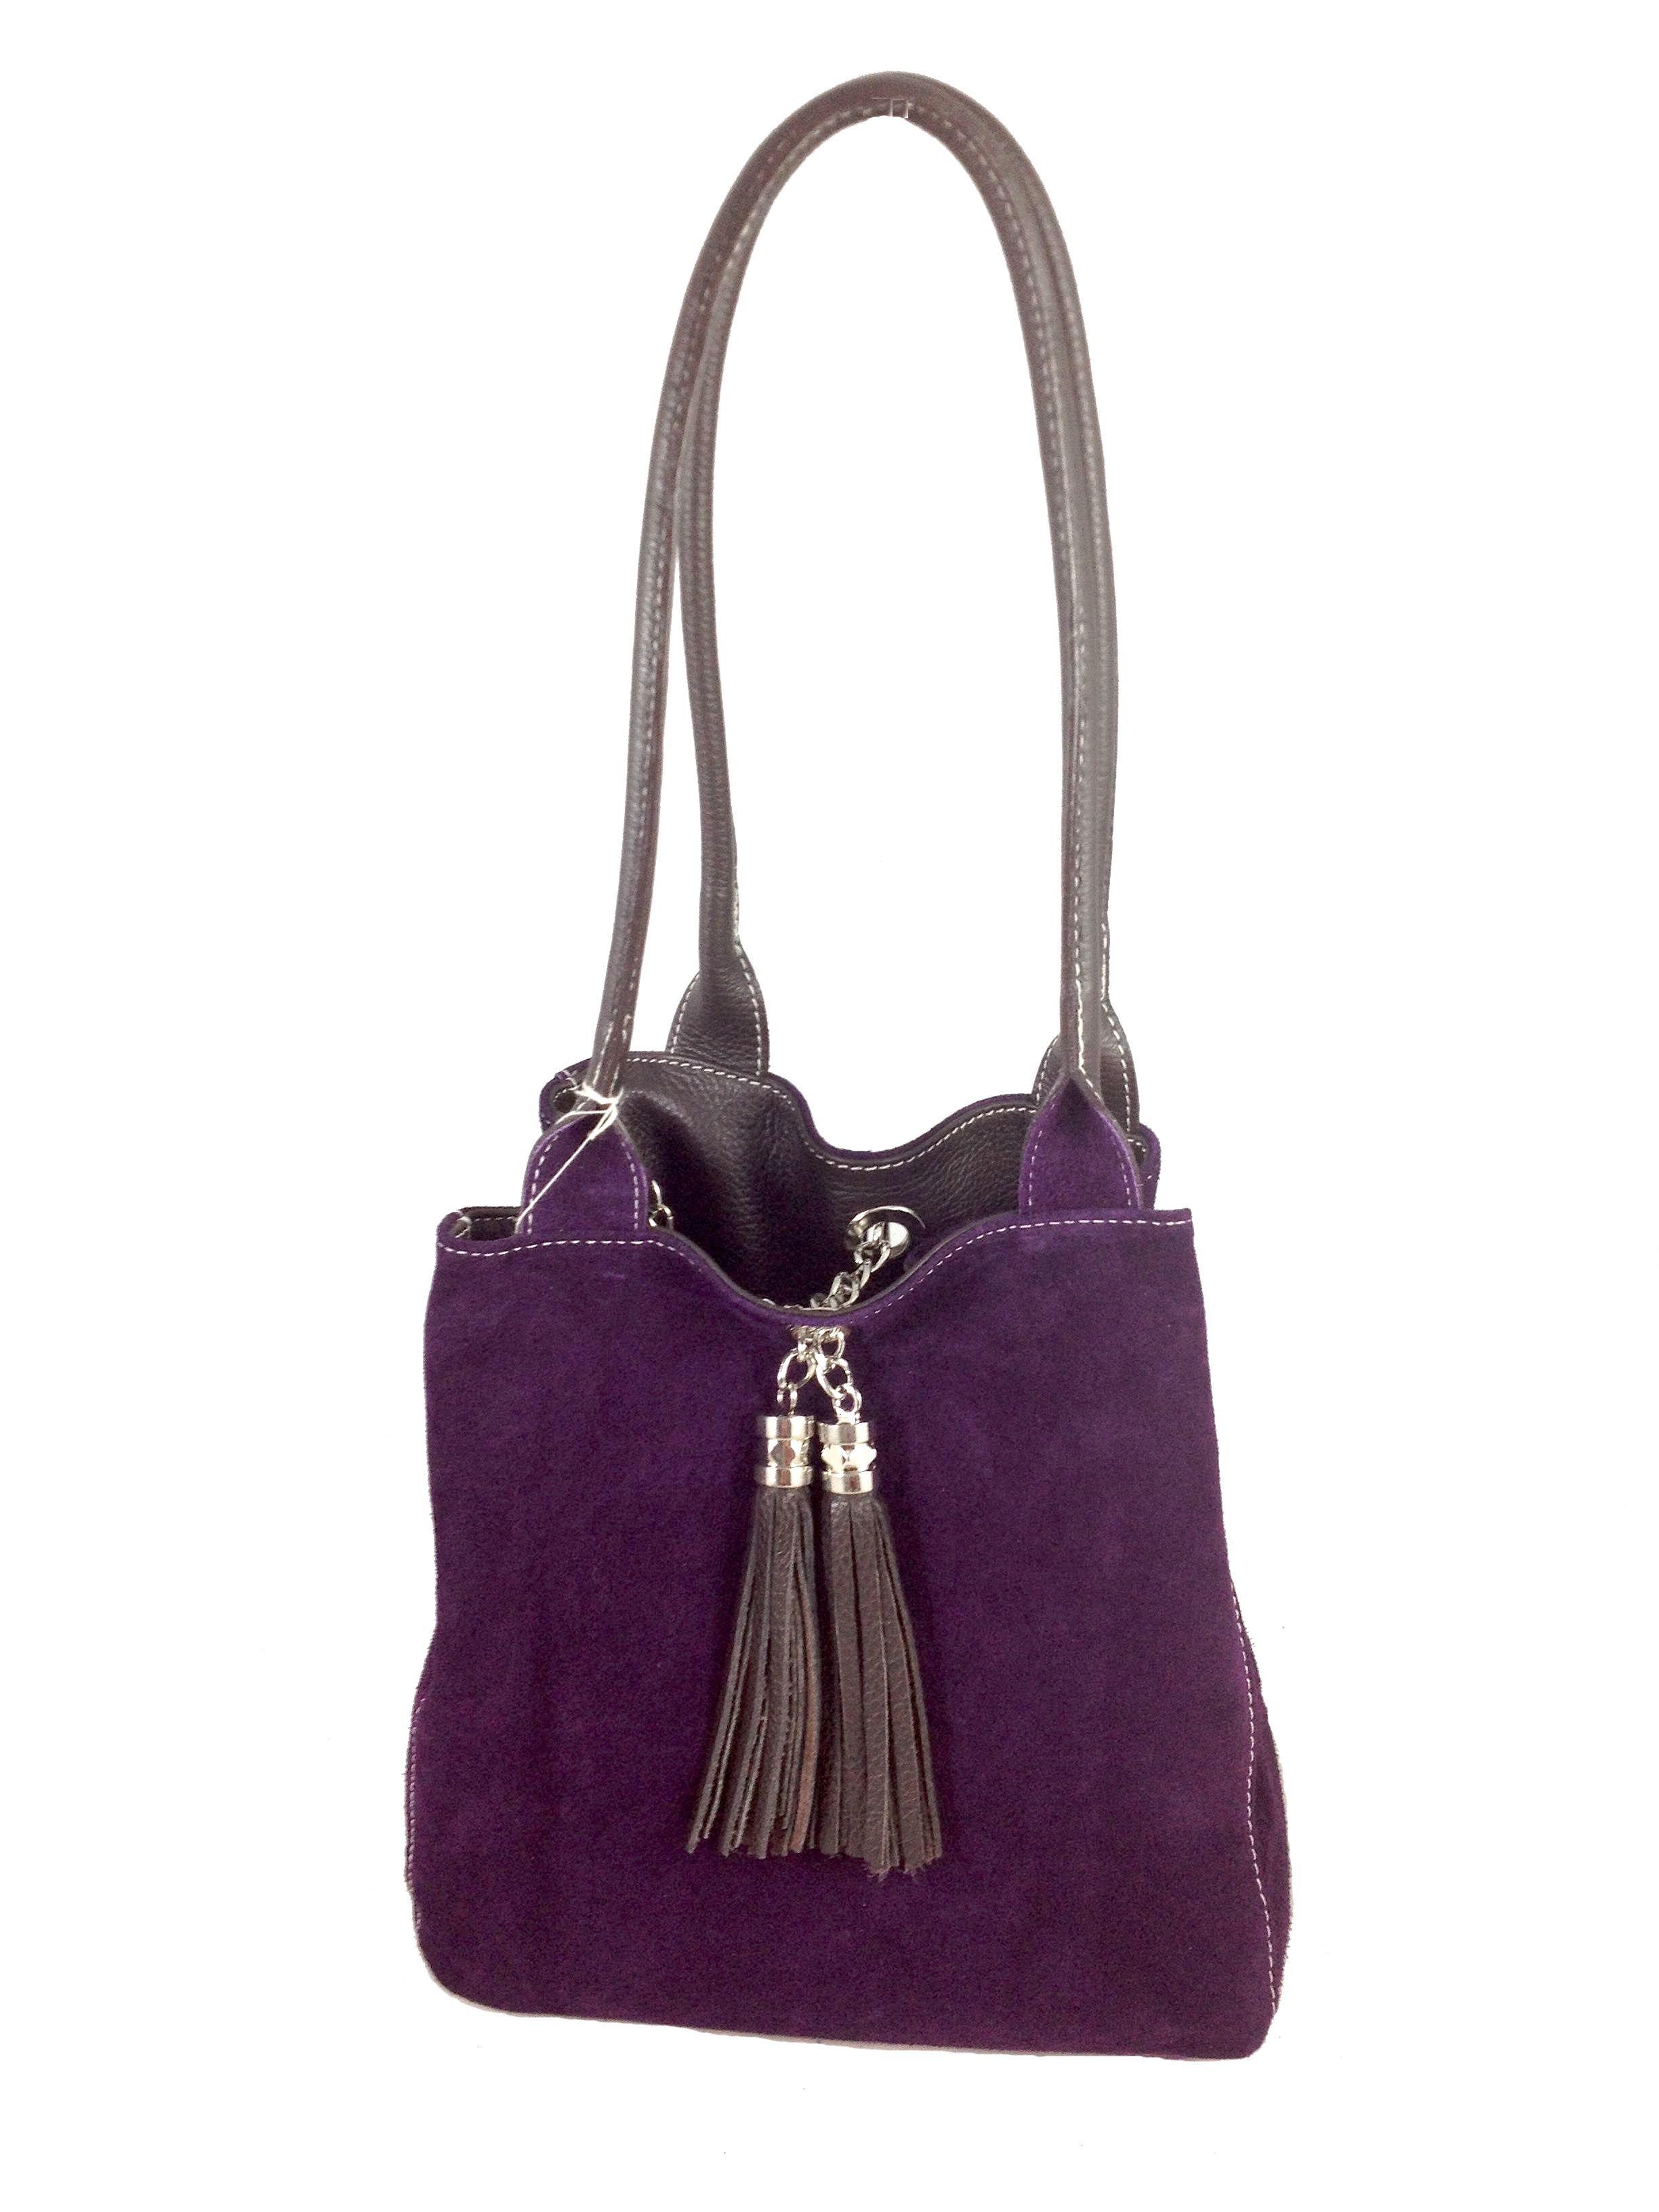 Lyn Reversible Italian Leather Handbag Brown Purple Suede Reversed